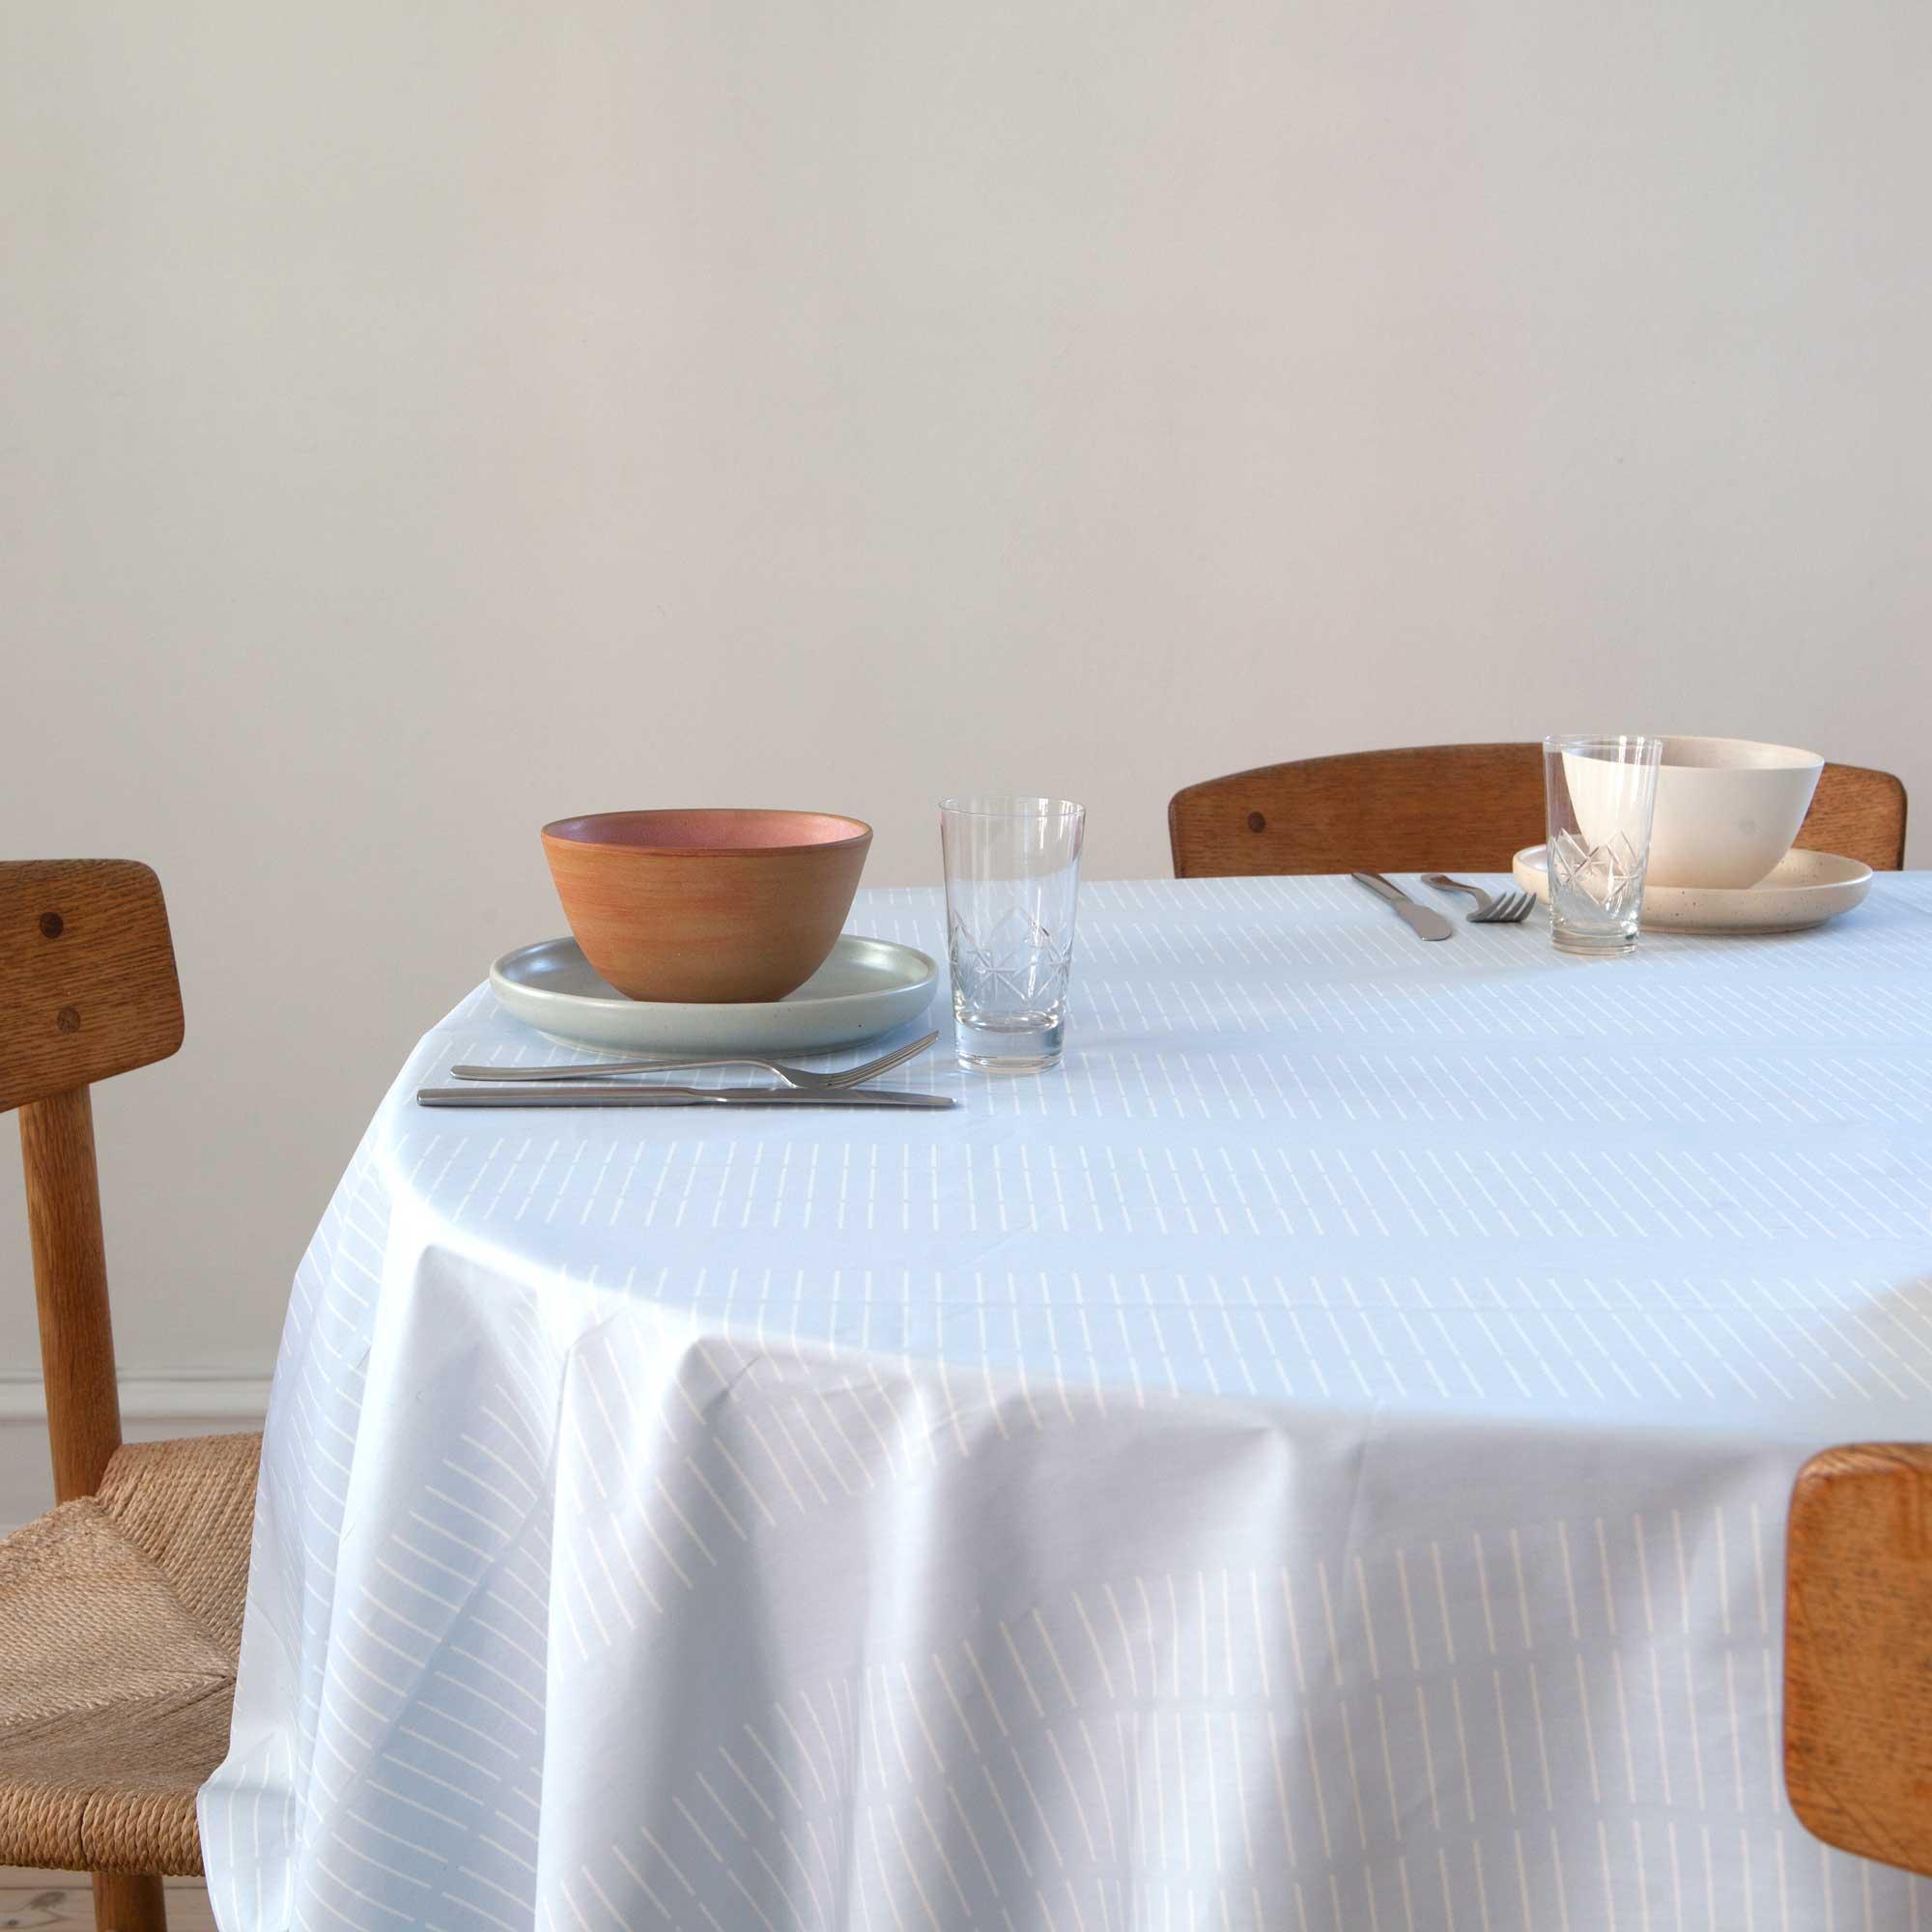 Oil cloth, Dash Morning Sky, organic cotton design by Anne Rosenberg, RosenbergCph